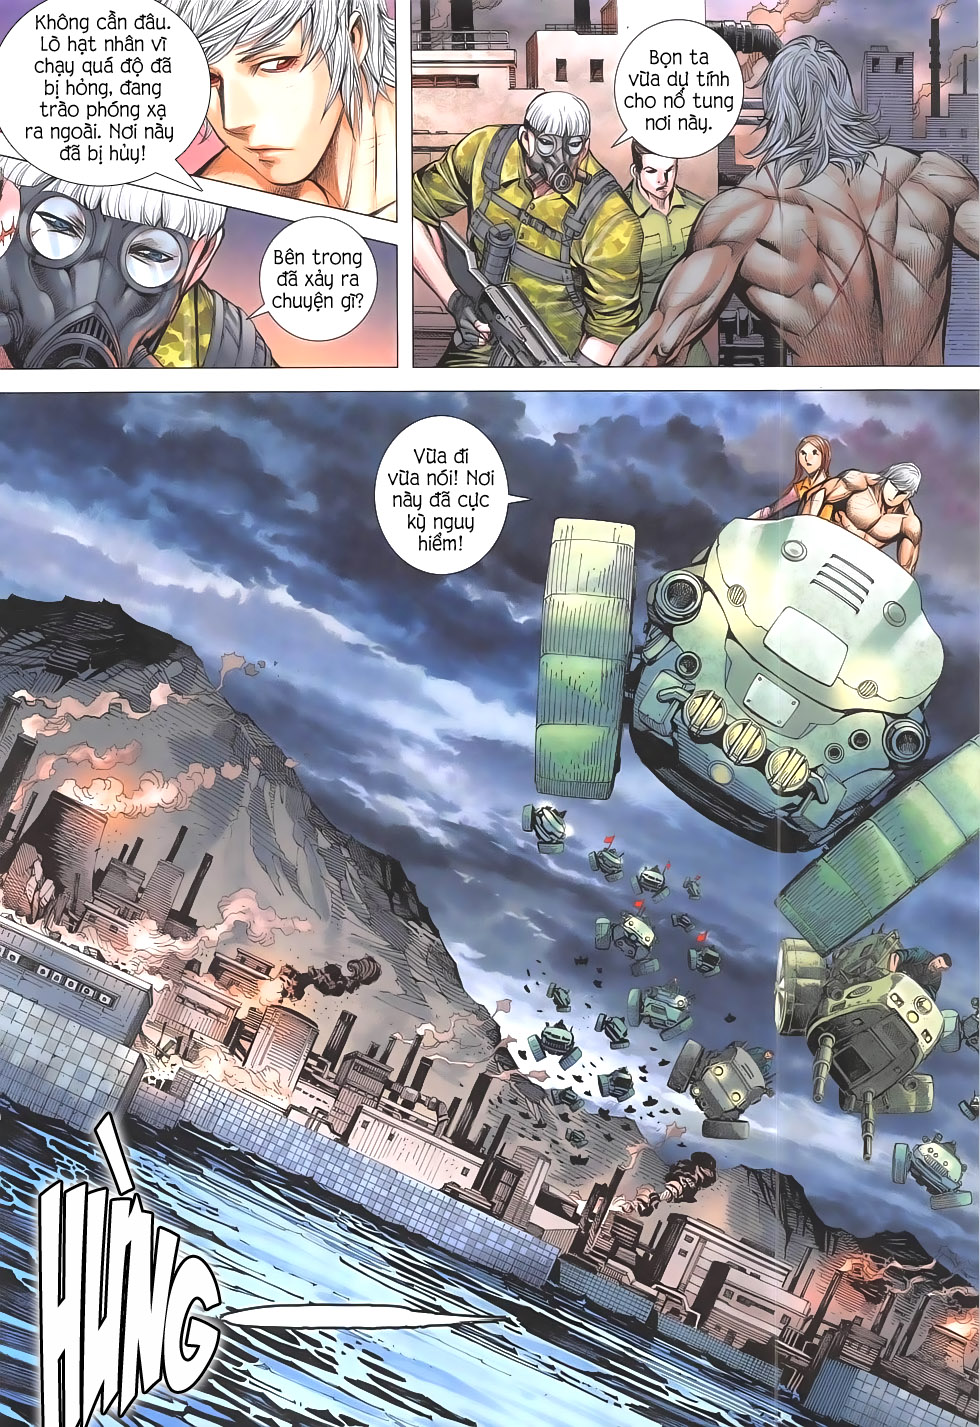 Đại Quân Phiệt chap 55 – End Trang 20 - Mangak.info